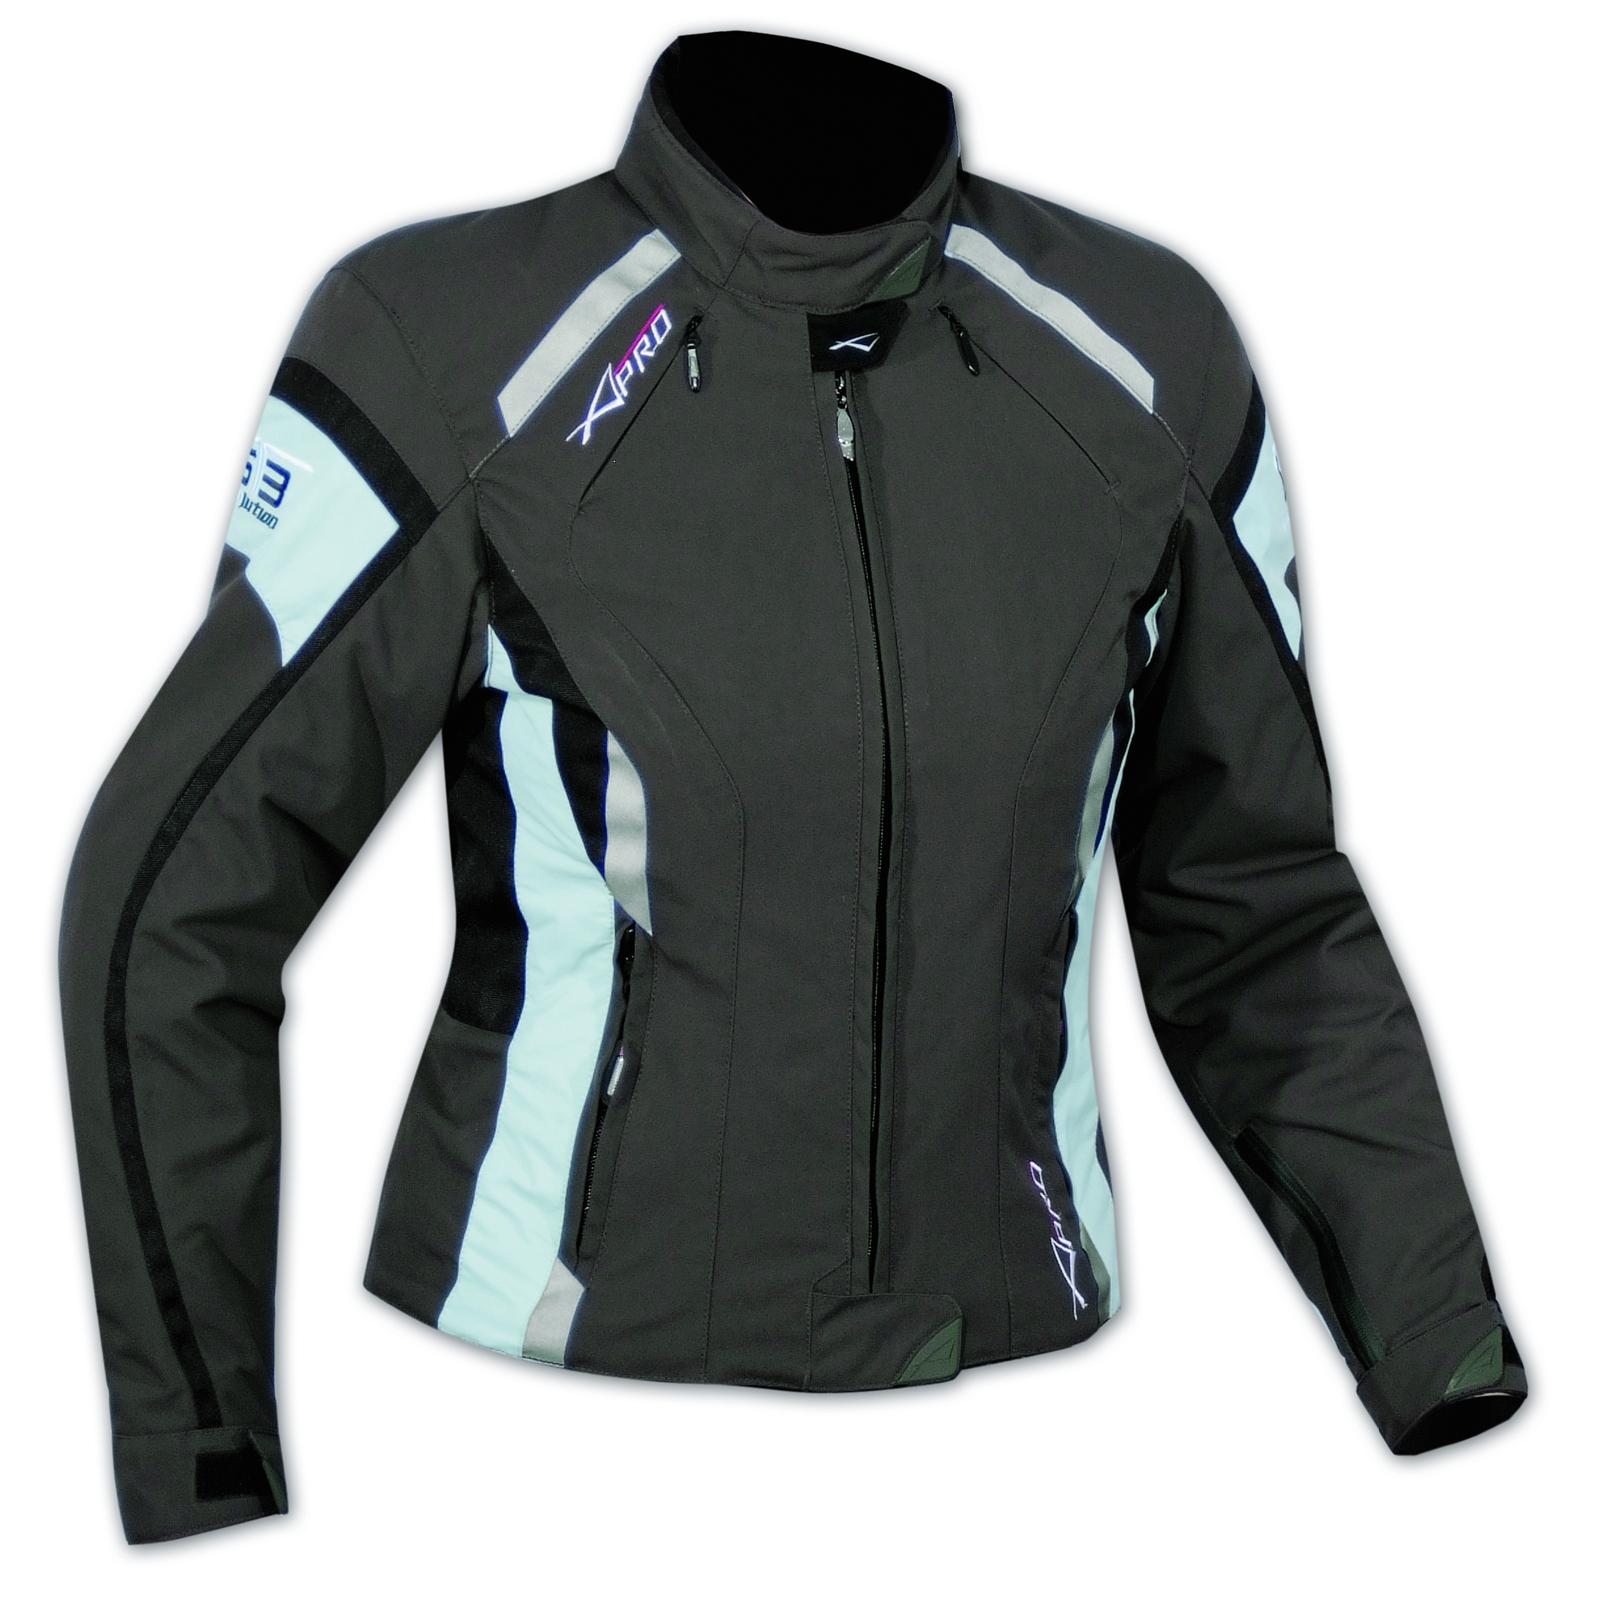 Donna Giacca Moto Giacca Moto Cordura breve tessile Bianco XXXL